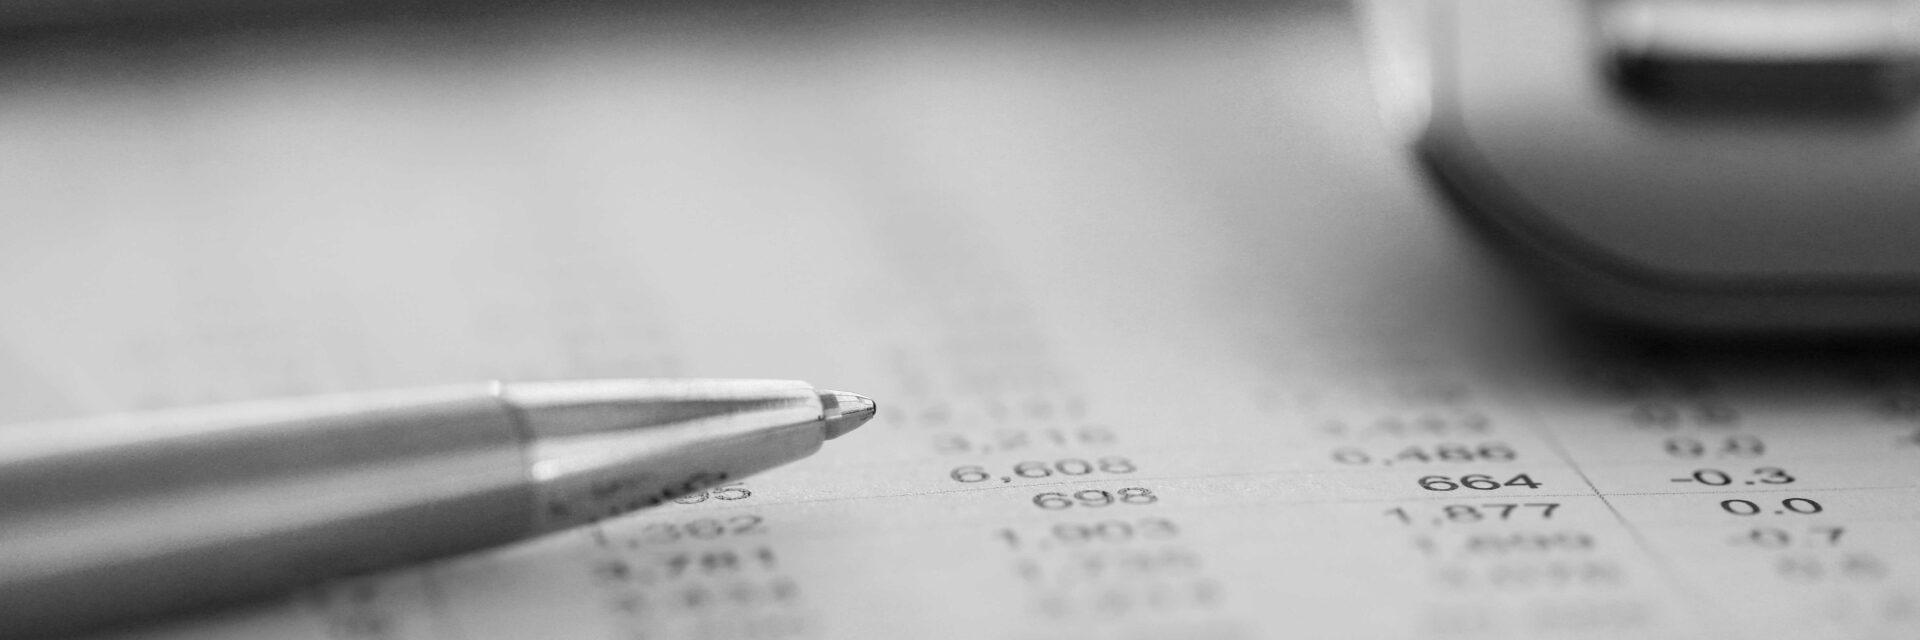 Gestion salariale et portage en Allemagne en train d'être calculé avec des outils comptables